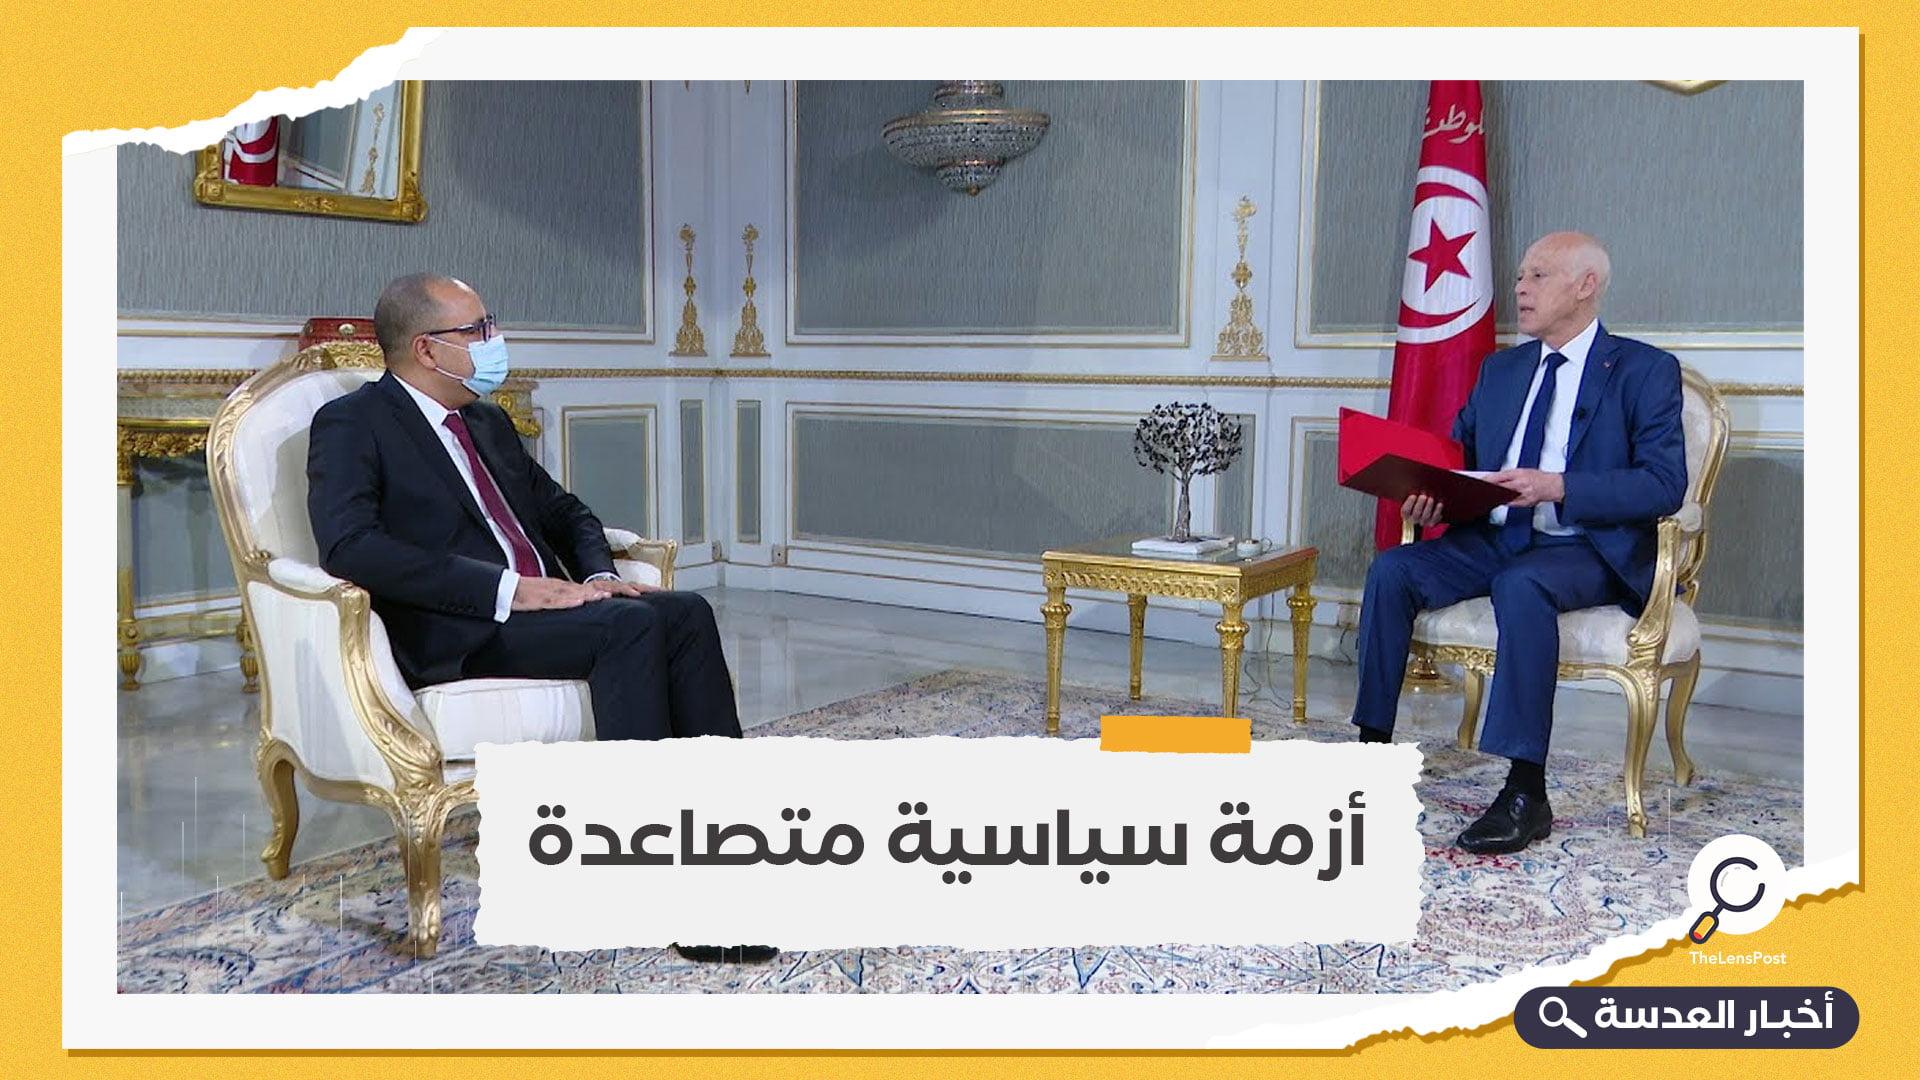 استمرارًا للأزمة المتصاعدة بينهما.. المشيشي يراسل سعيد رسميًا